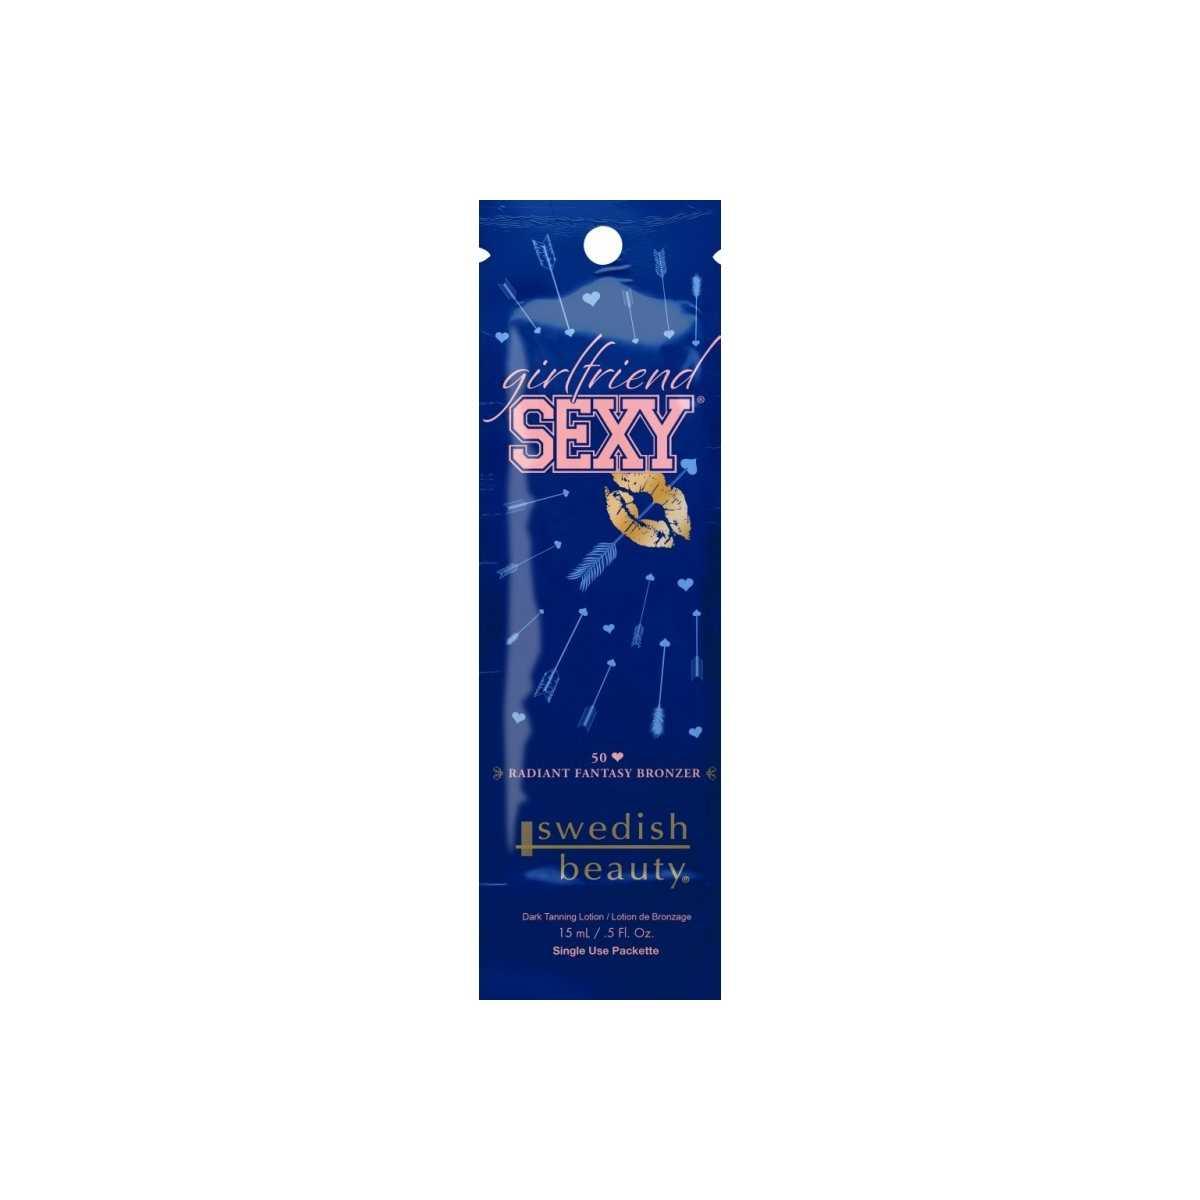 Girlfriend sexy radiant fantasy bronzer 15ml